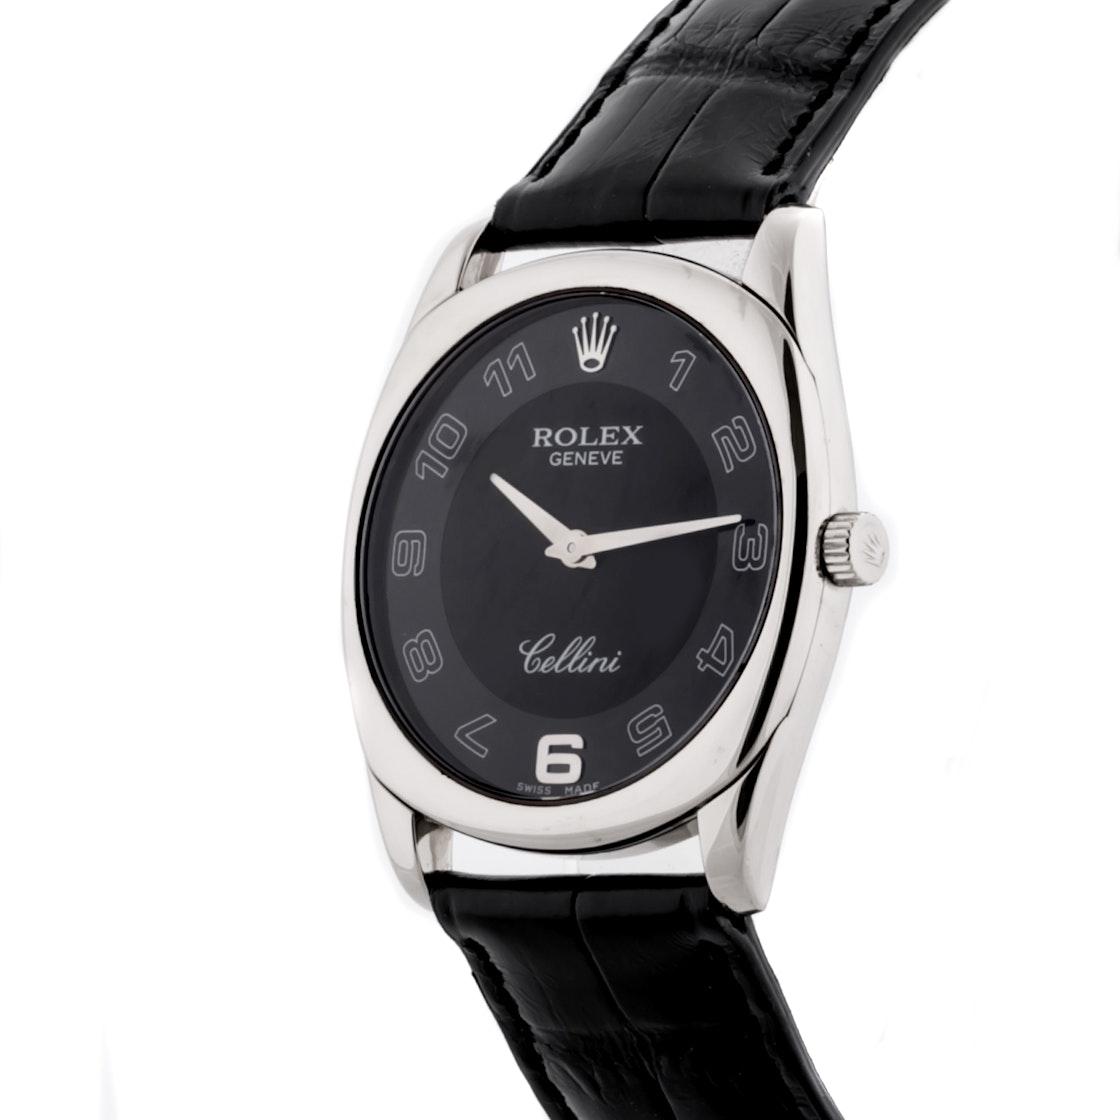 Rolex Cellini Danaos 4233